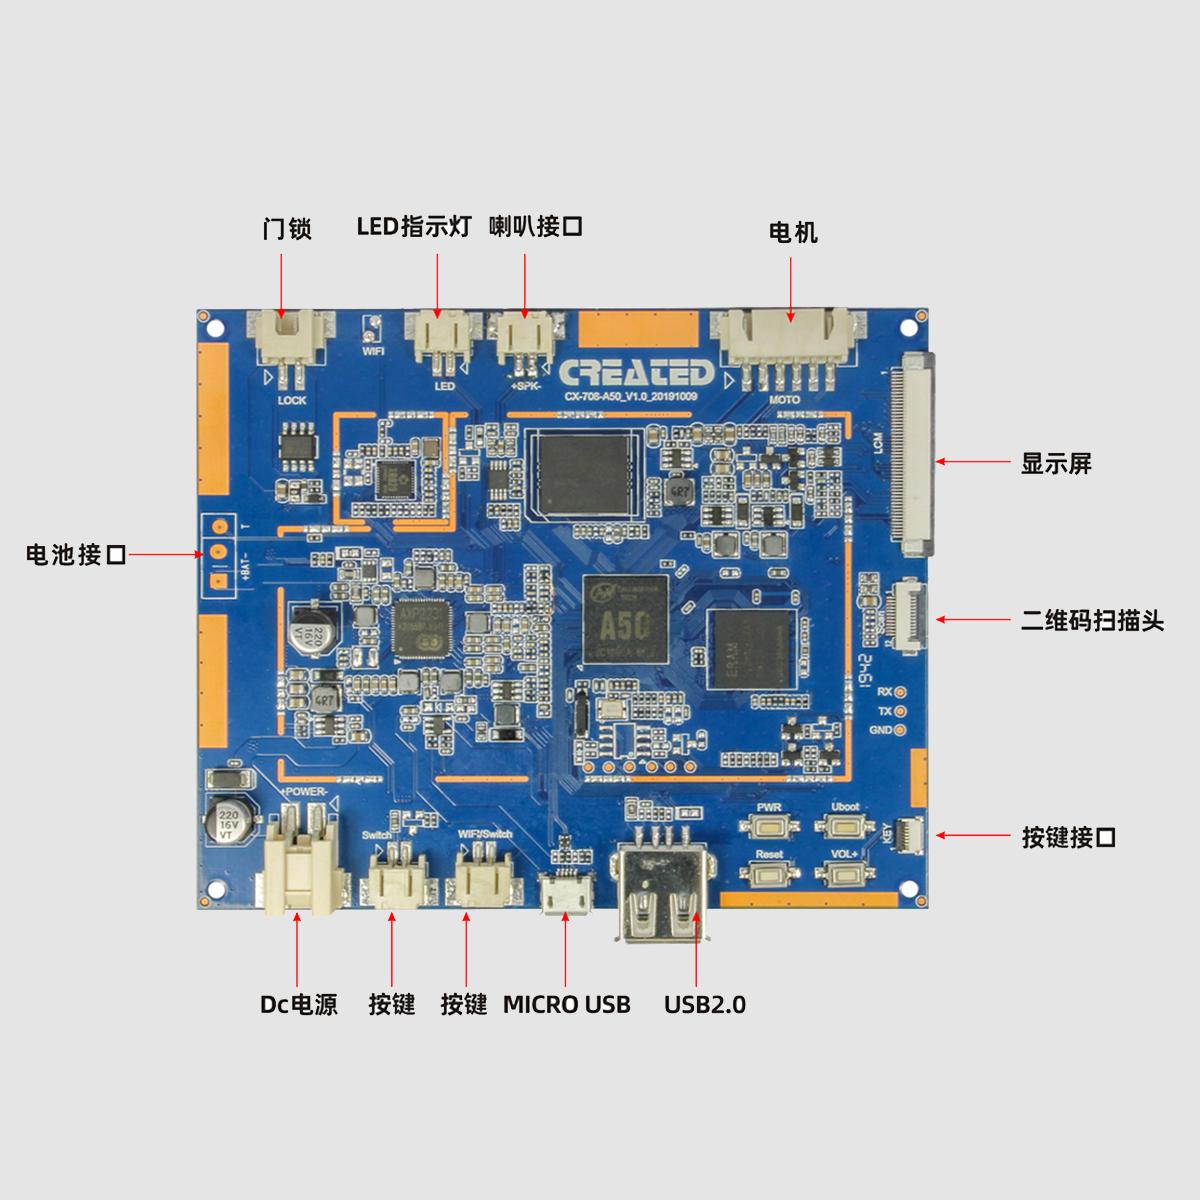 CX-708安卓主板  全志A50  解决方案